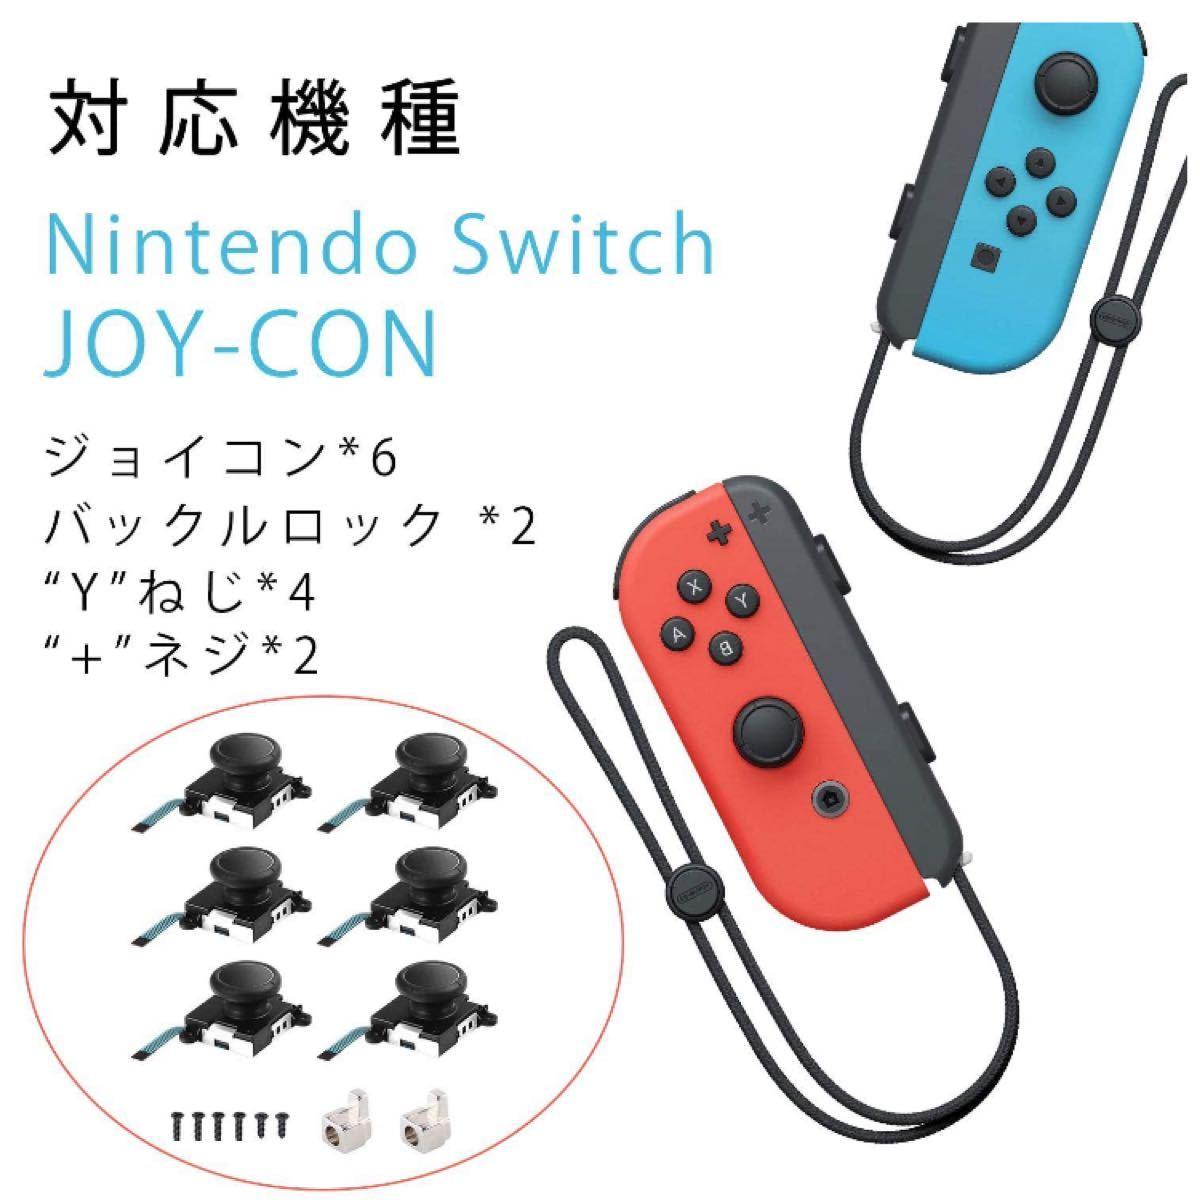 Switch ジョイコン スティック修理パーツ NS Joy-Con対応 左/右 ジョイコンアナログジョイスティック6個付き